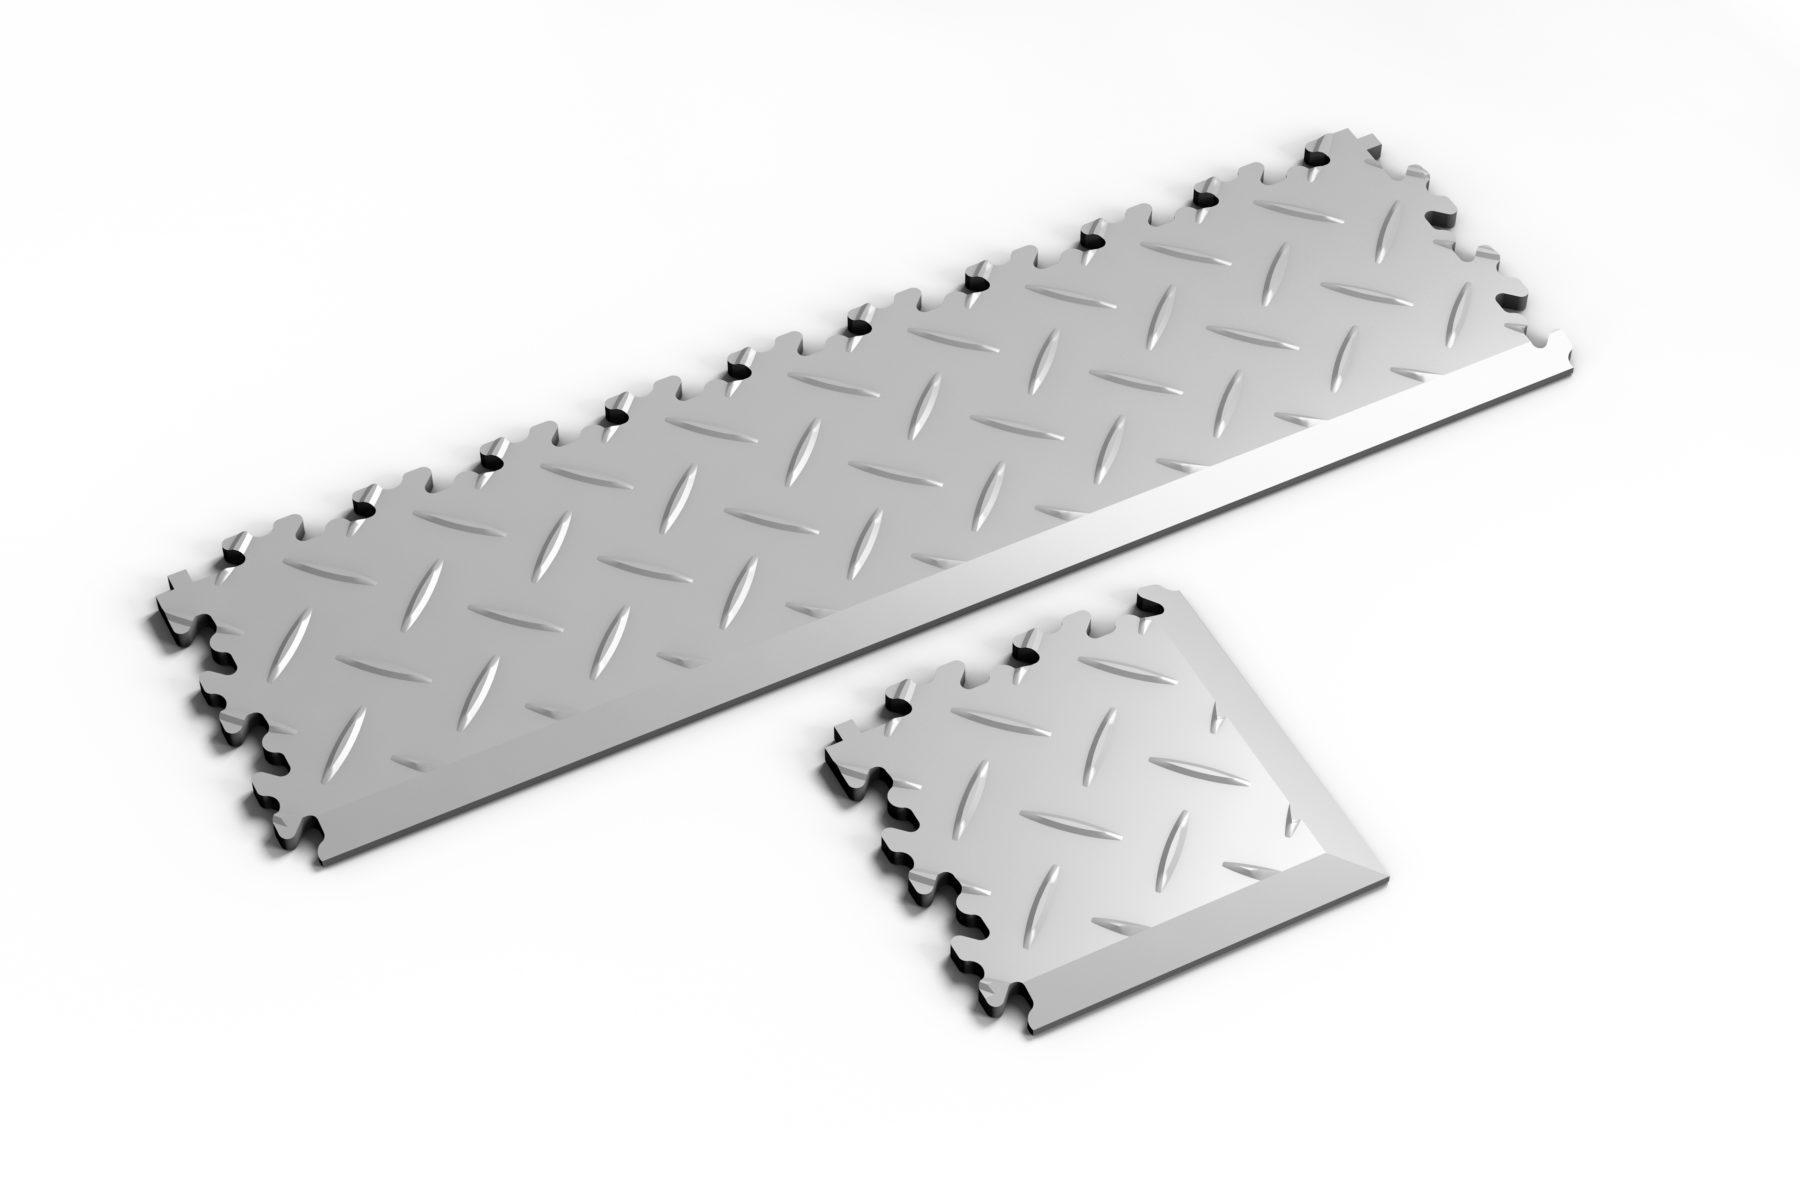 pvc-fliese-boden-platte-jp-mechanic-rampe-ecke-grau-diamantstruktur-industrie-mechanik